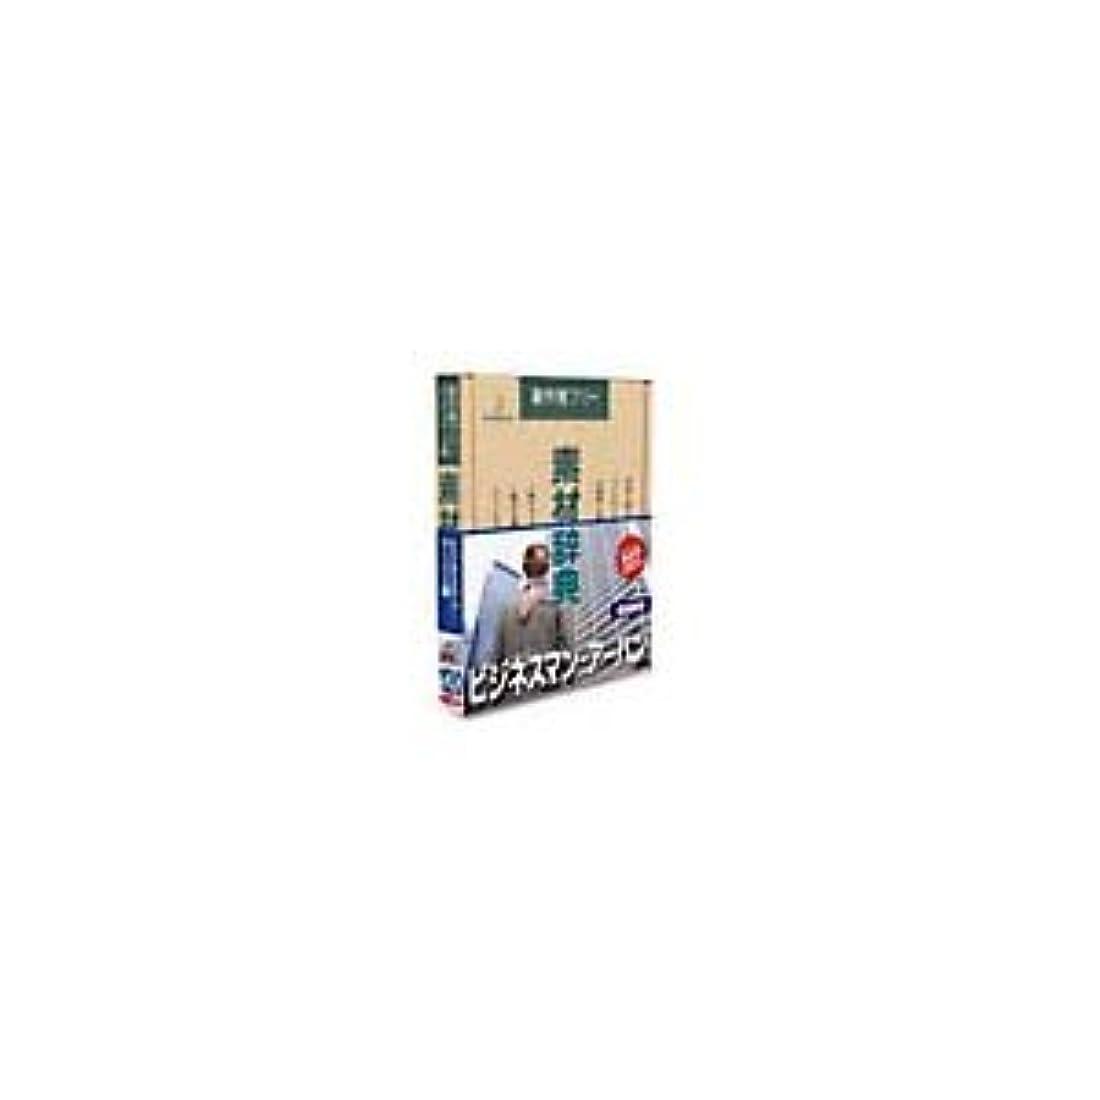 奨励比べる誇張する写真素材 素材辞典Vol.120 ビジネスマン アーバン